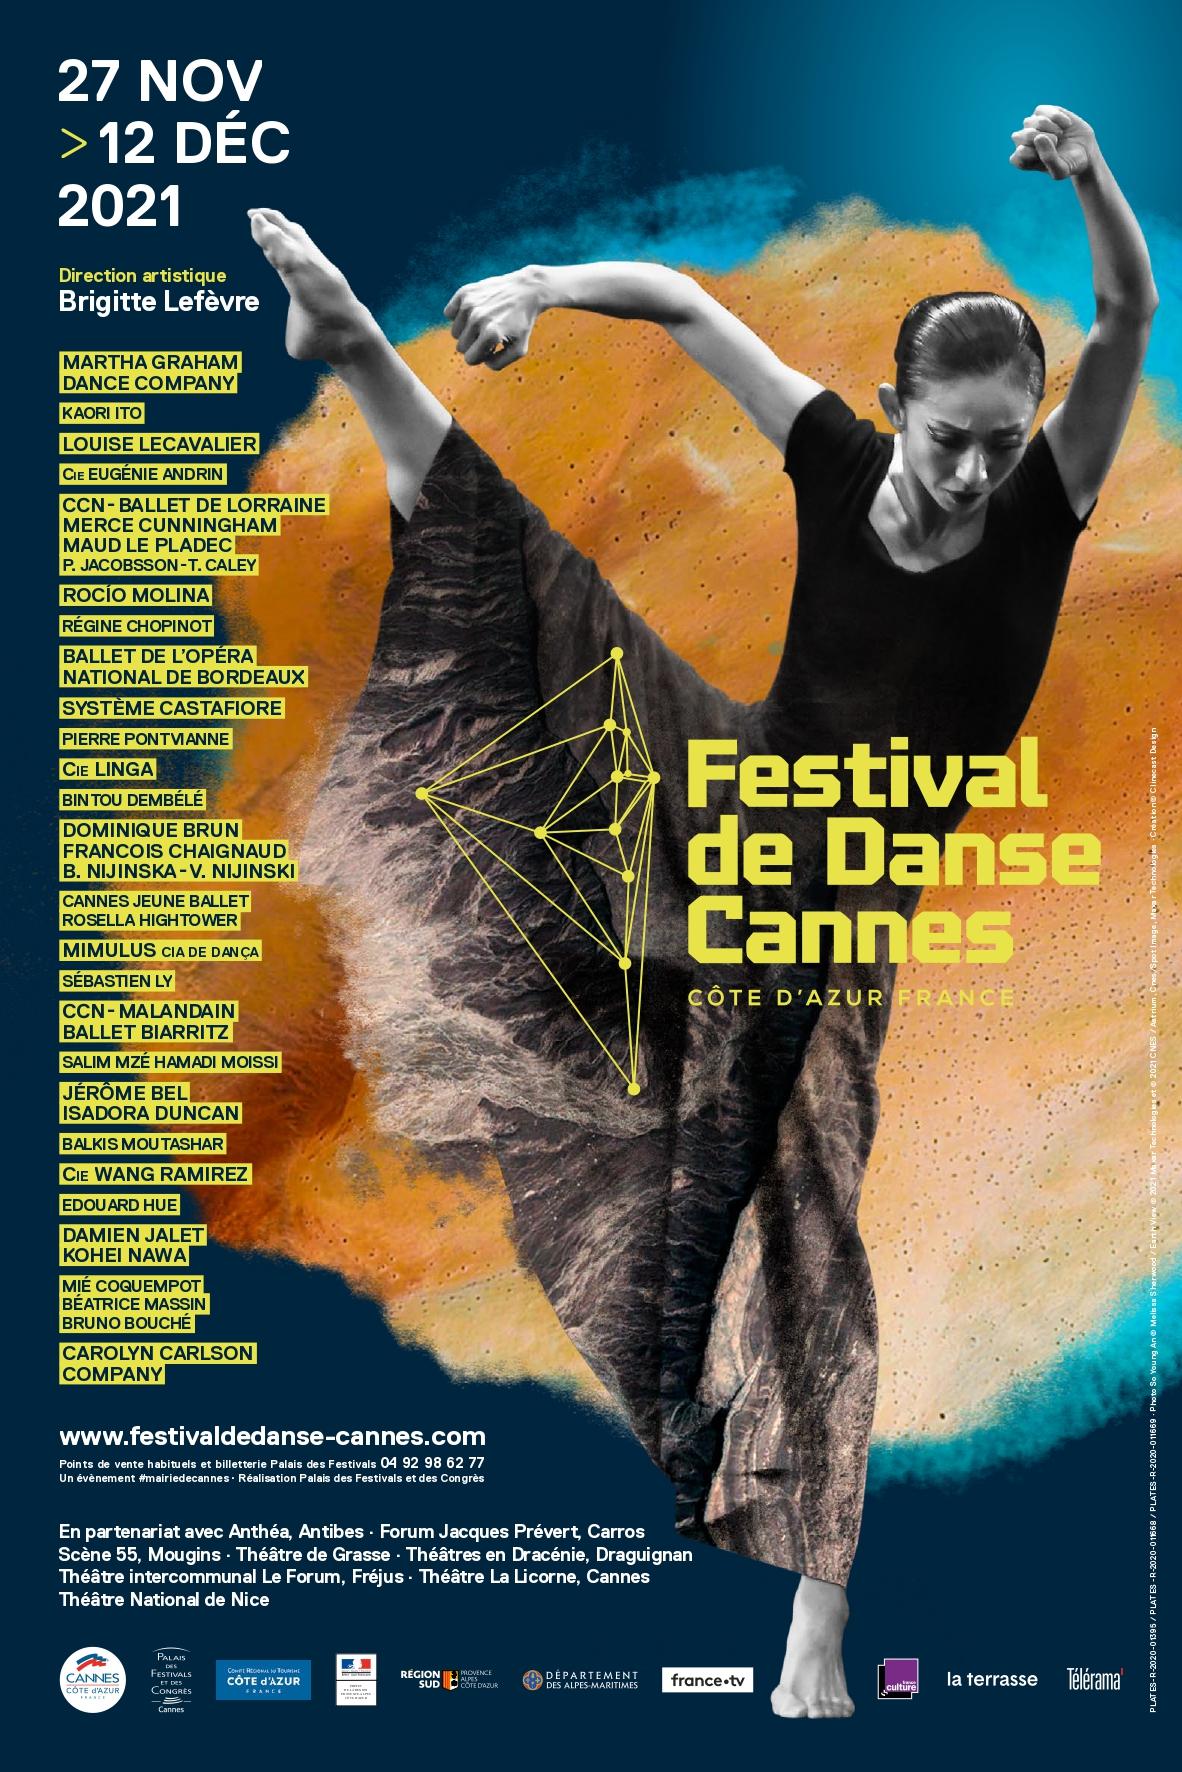 festivaldedanse2021-affiche-40x60cm_210416-1_page-0001